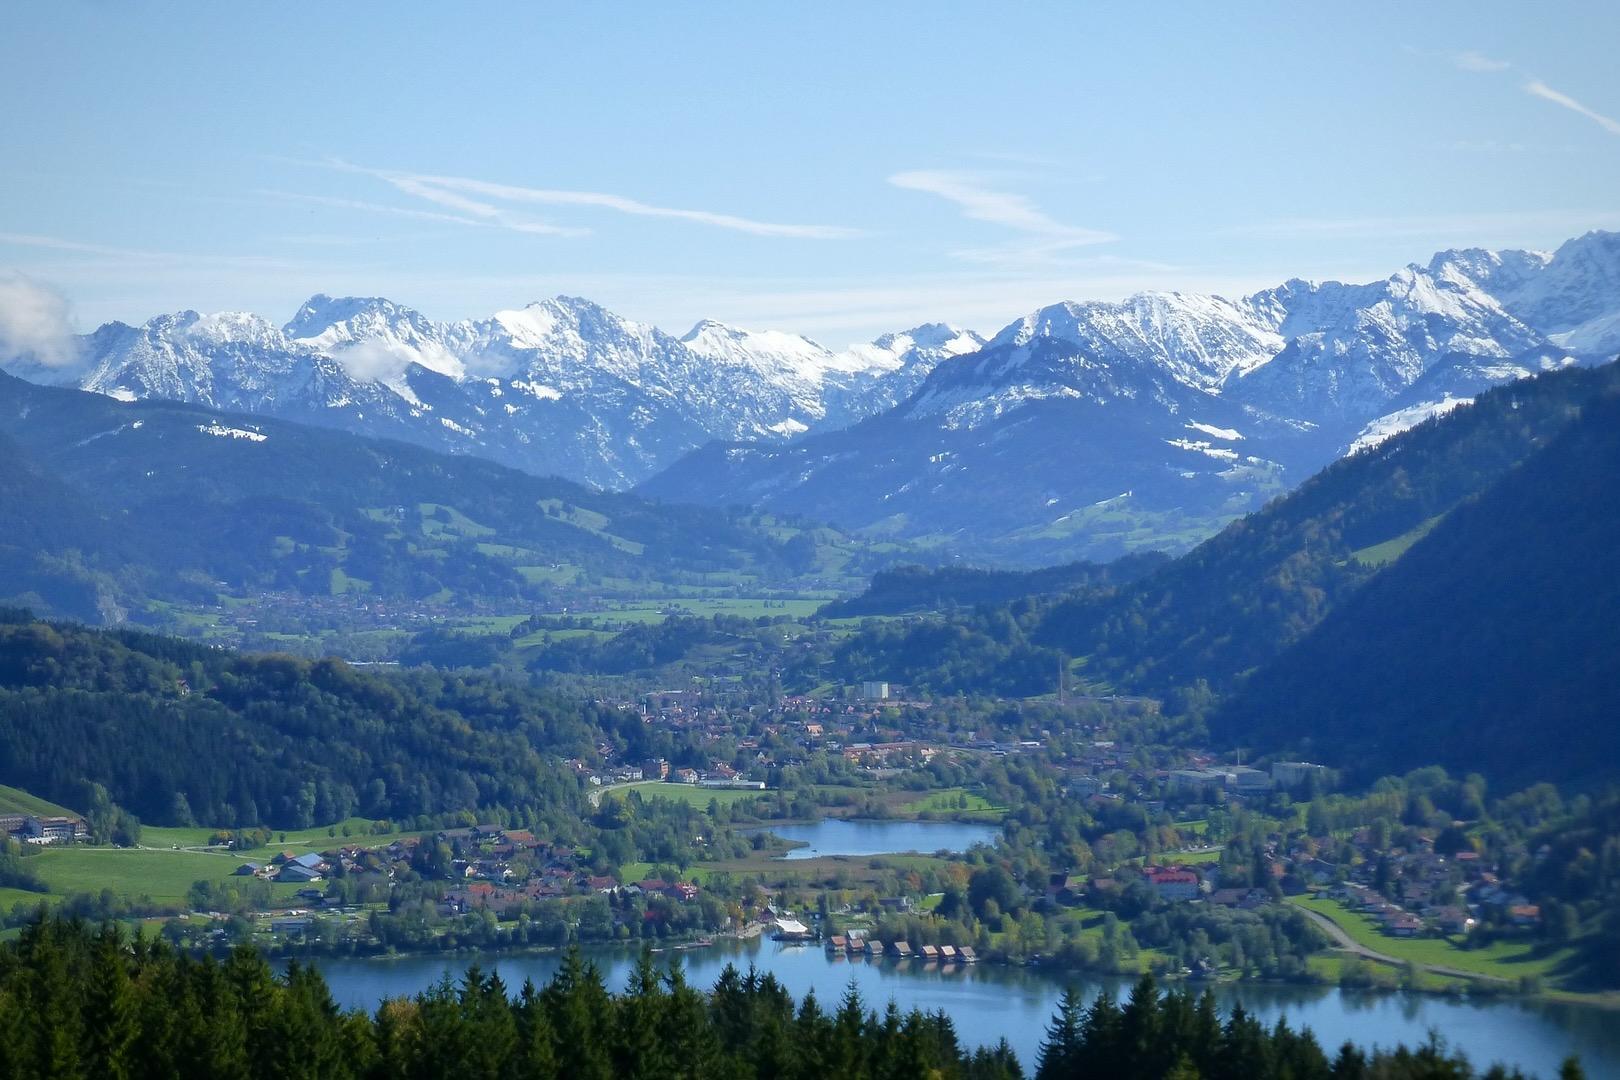 Unter den Seen in Bayern ist der große Alpsee ein beliebtes Ausflugsziel